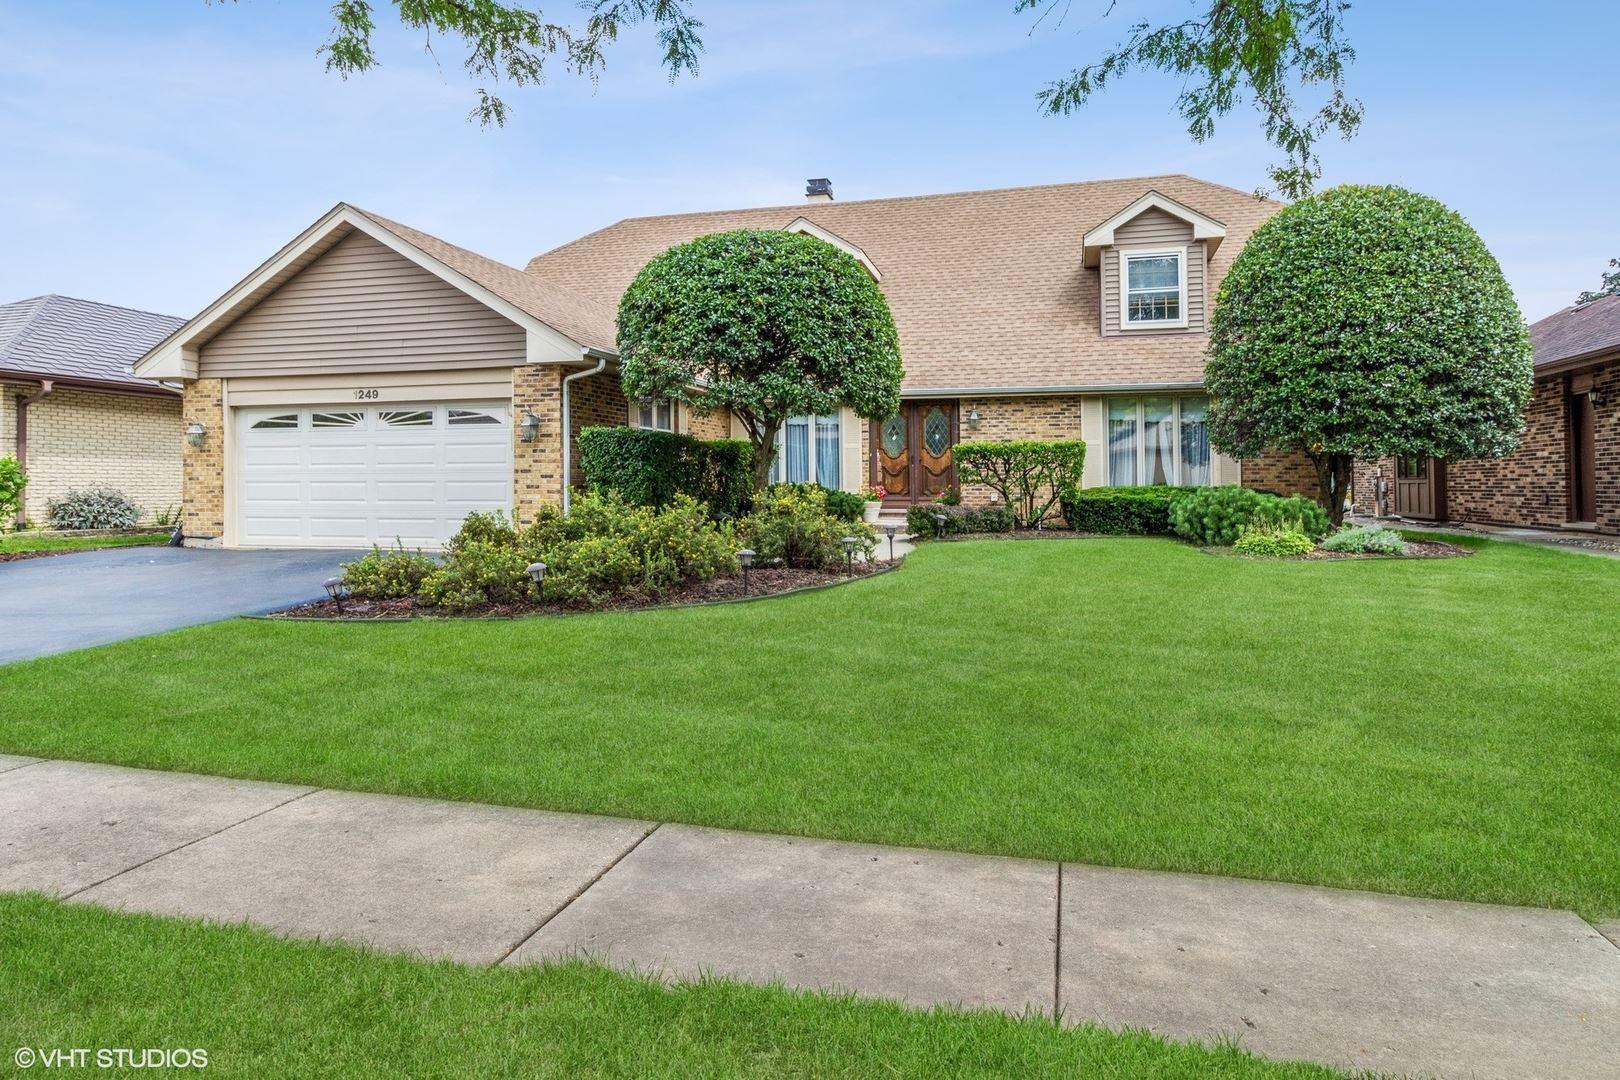 1249 Biscayne Drive, Elk Grove Village, IL 60007 - #: 11201565